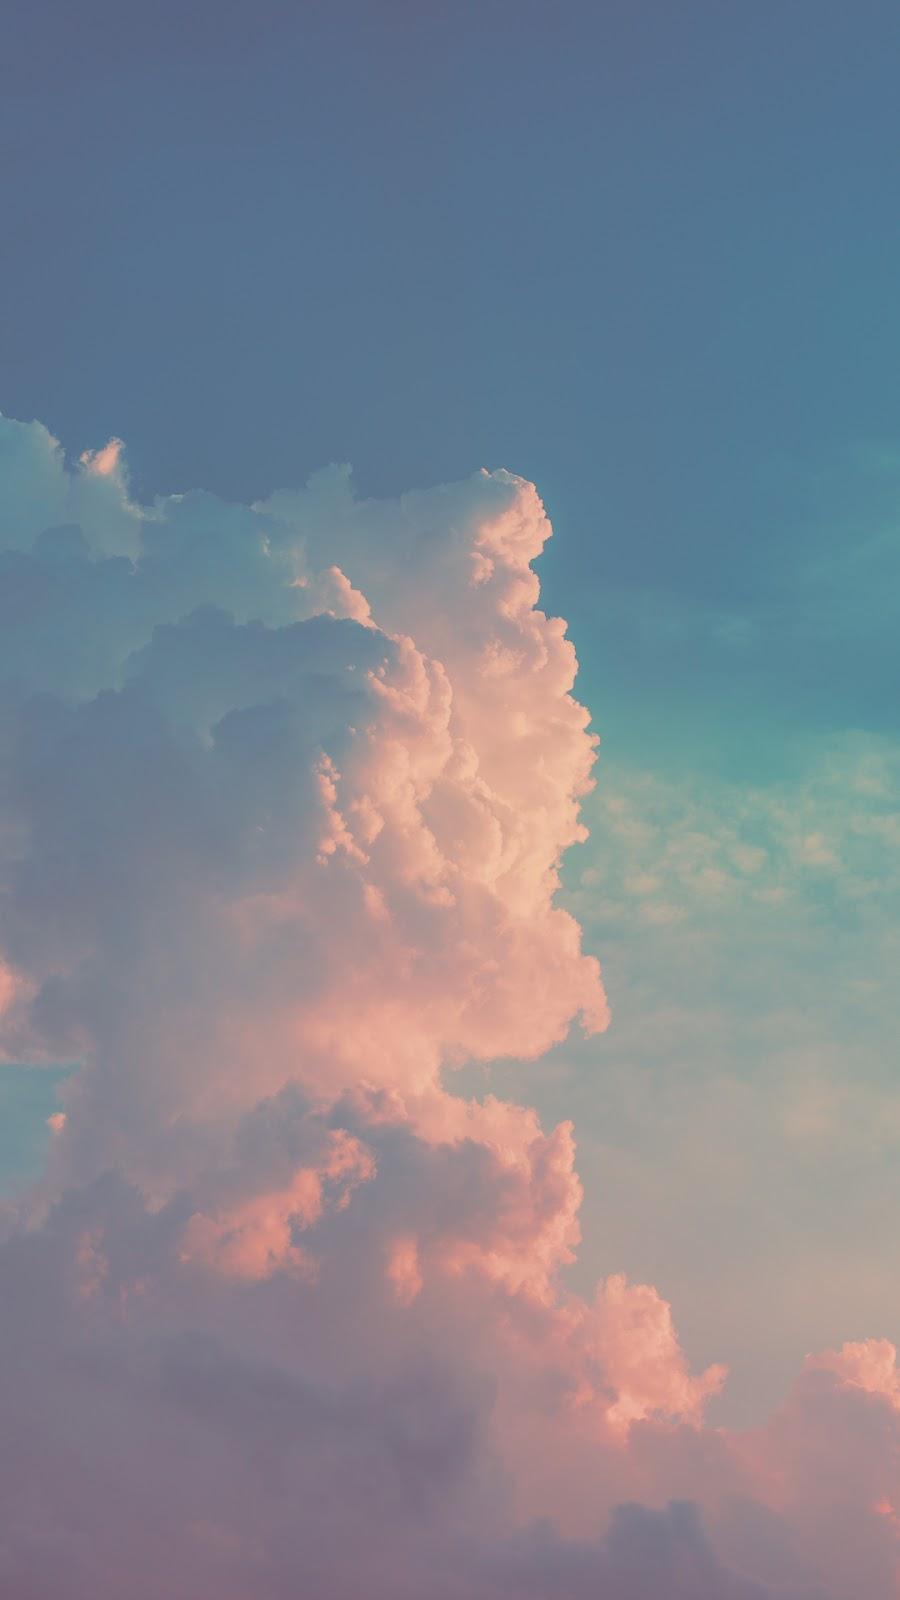 Hình nền mây trên bầu trời đẹp lạ kì